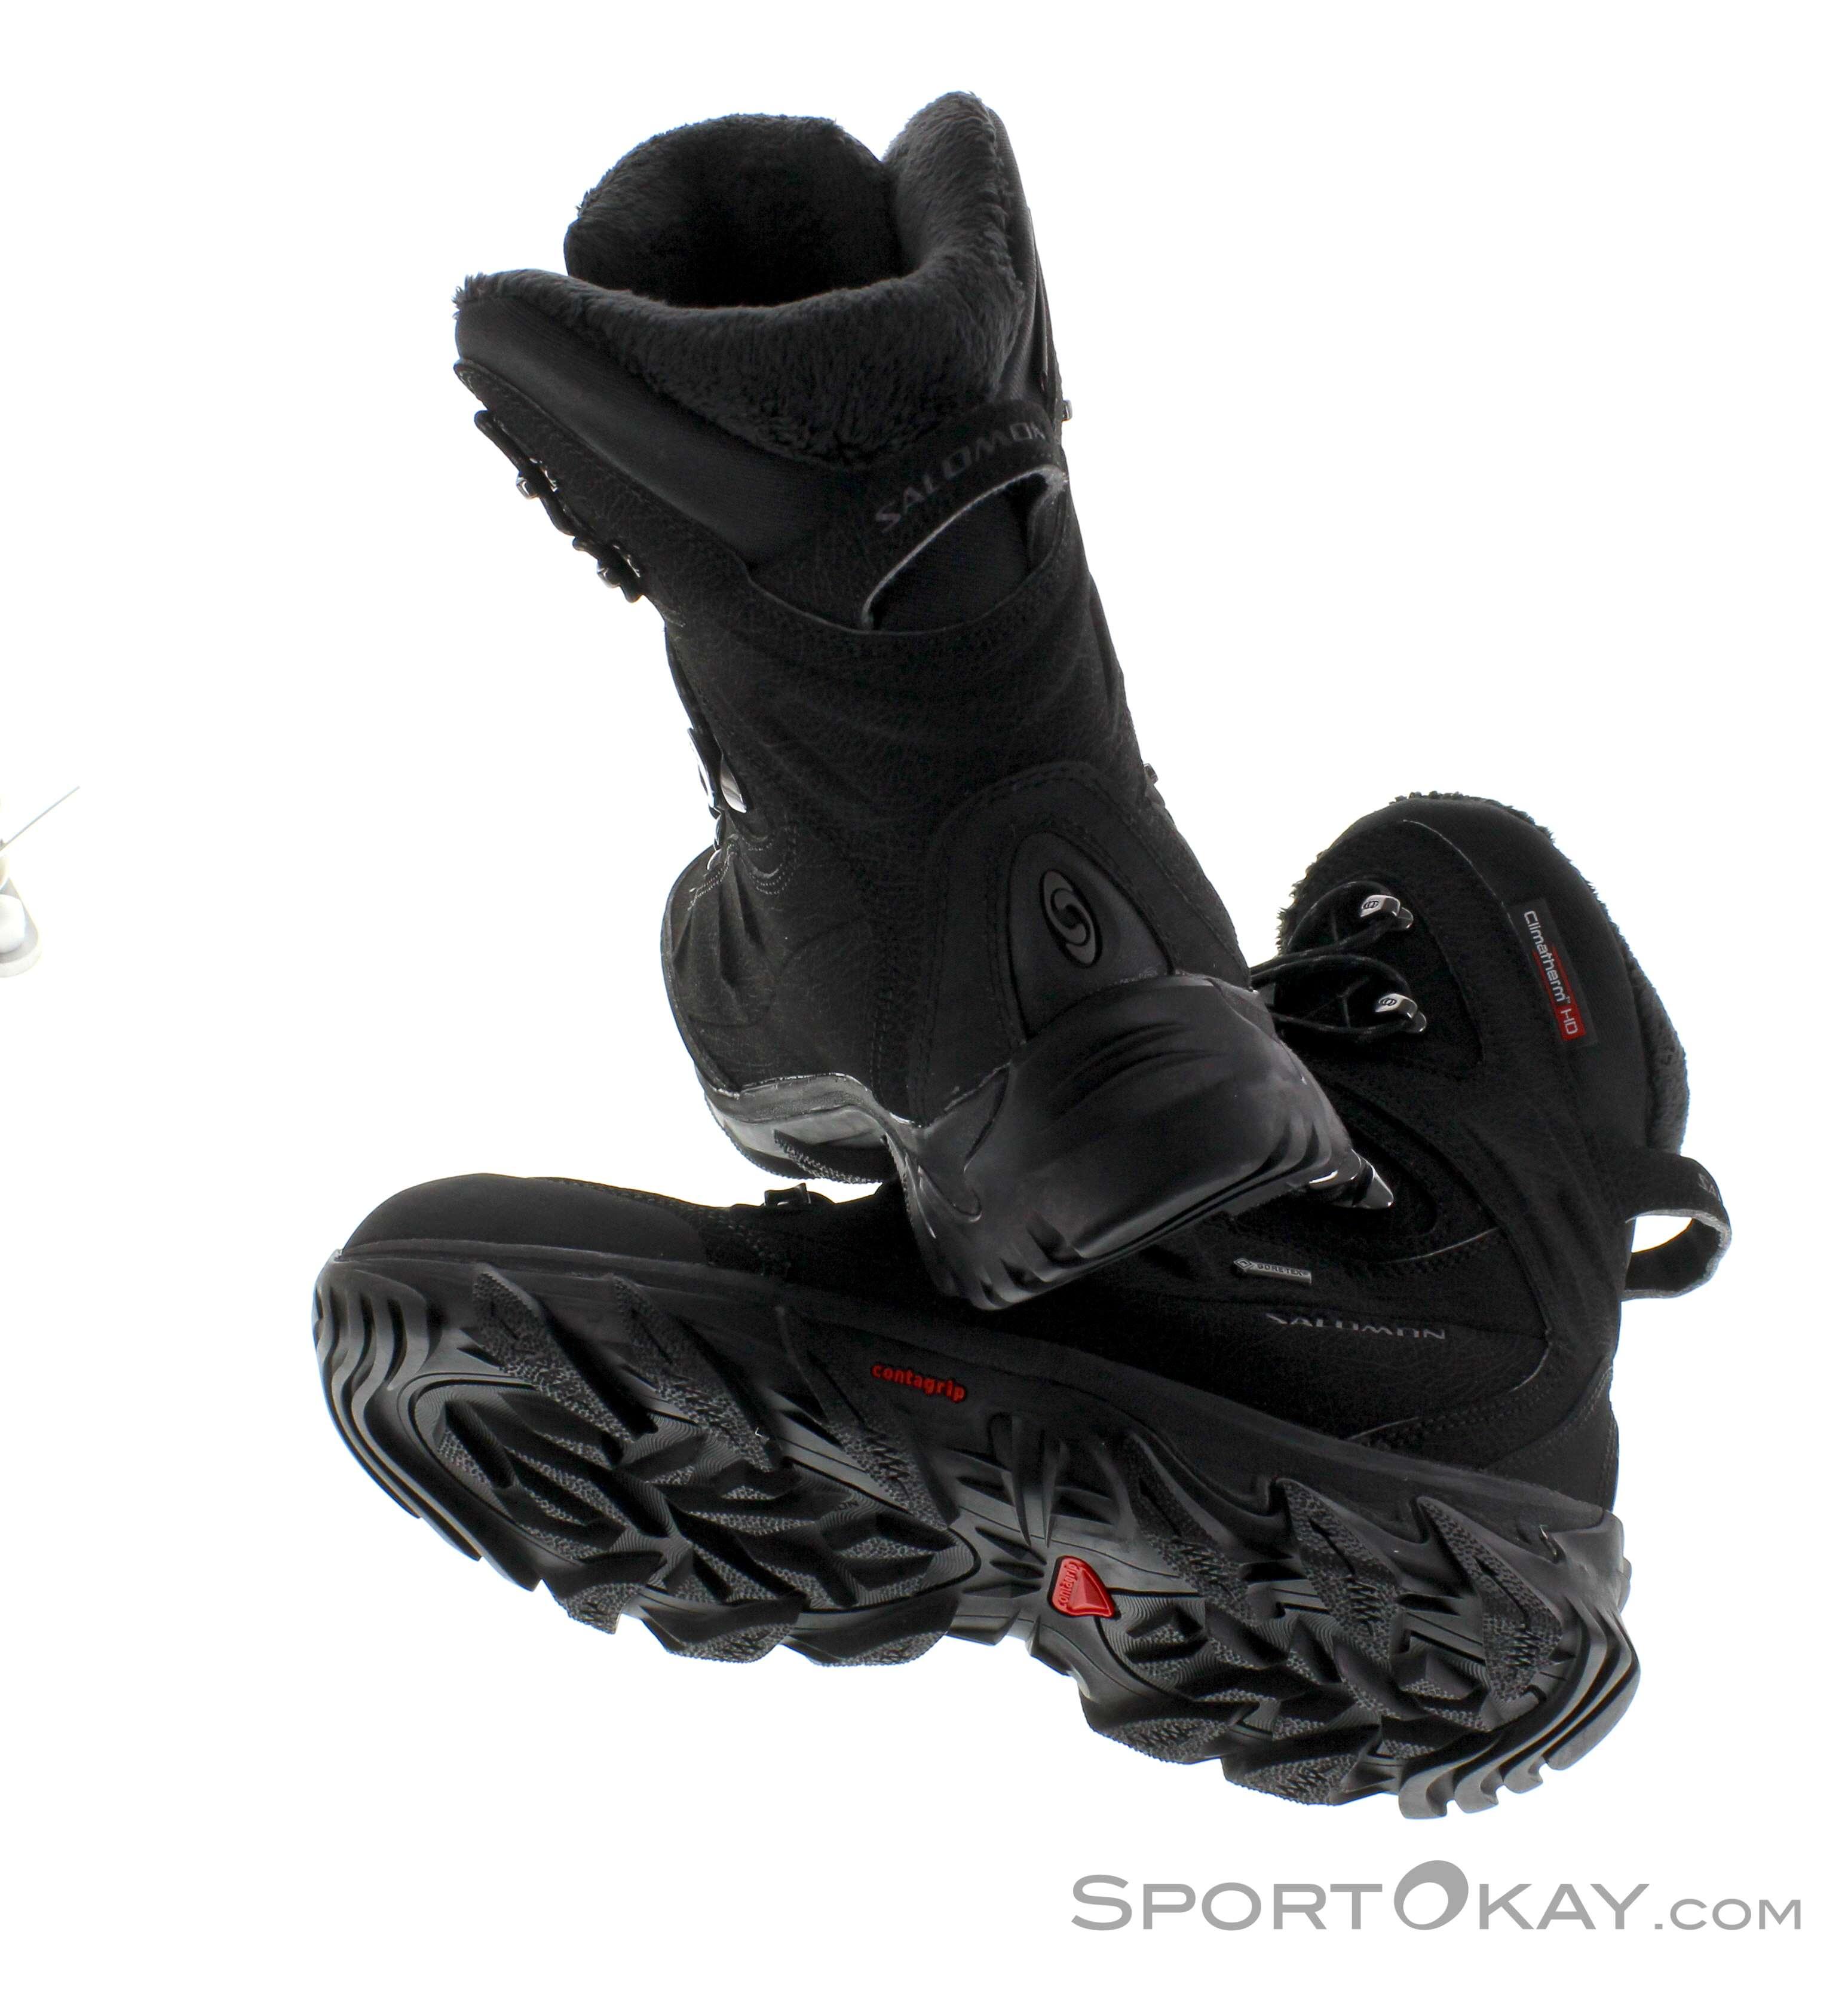 Salomon GORE TEX Kinder Winter Schuhe GTX Winter Stiefel wasserdicht schwarz